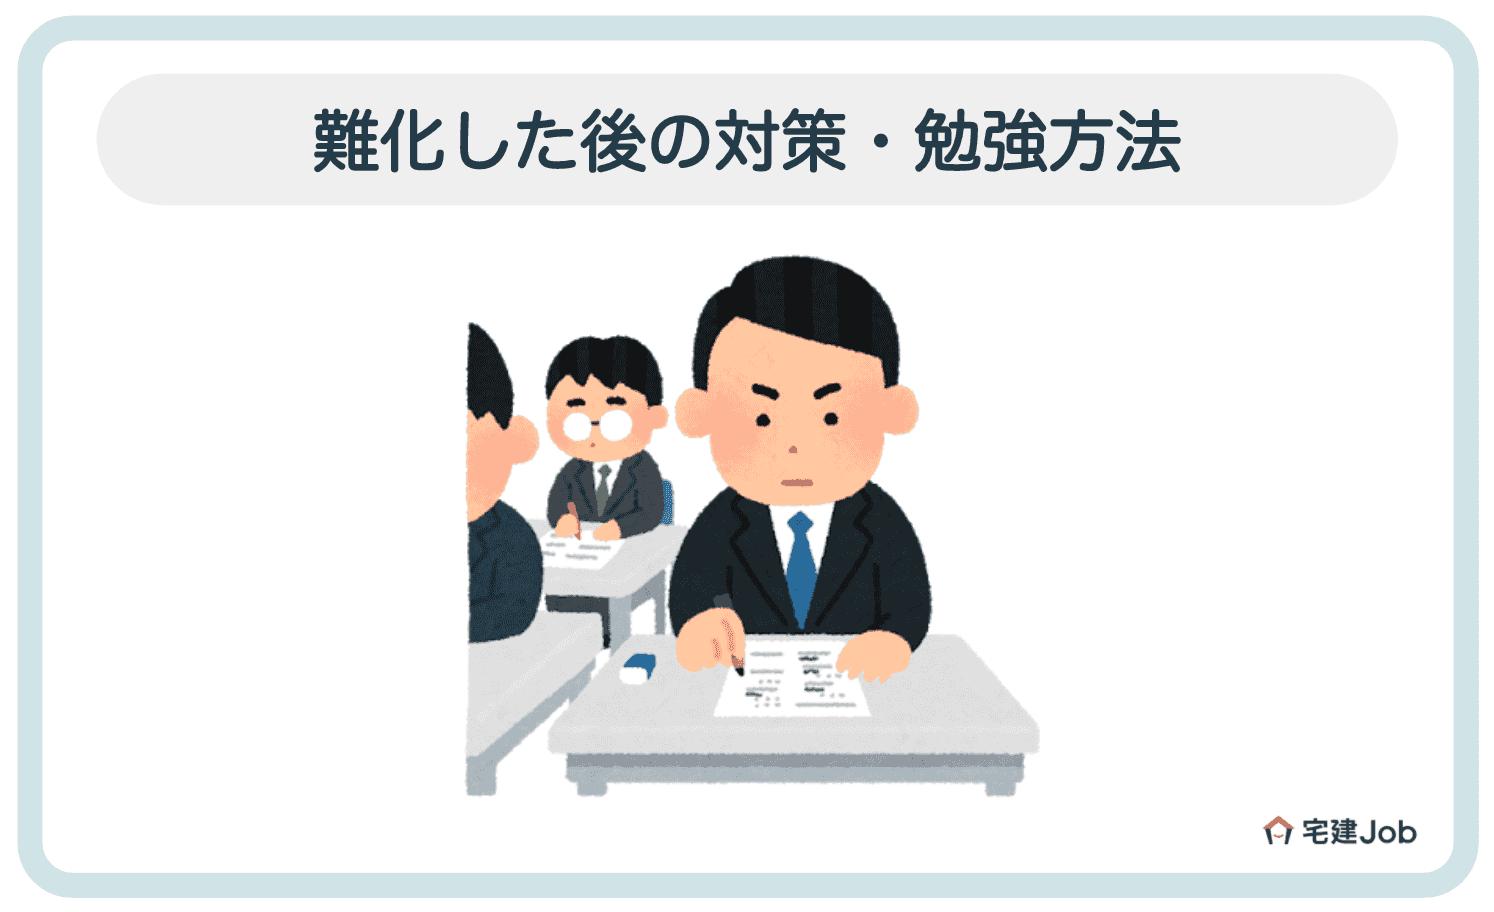 3.賃貸不動産経営管理士が難化した後の対策・勉強方法